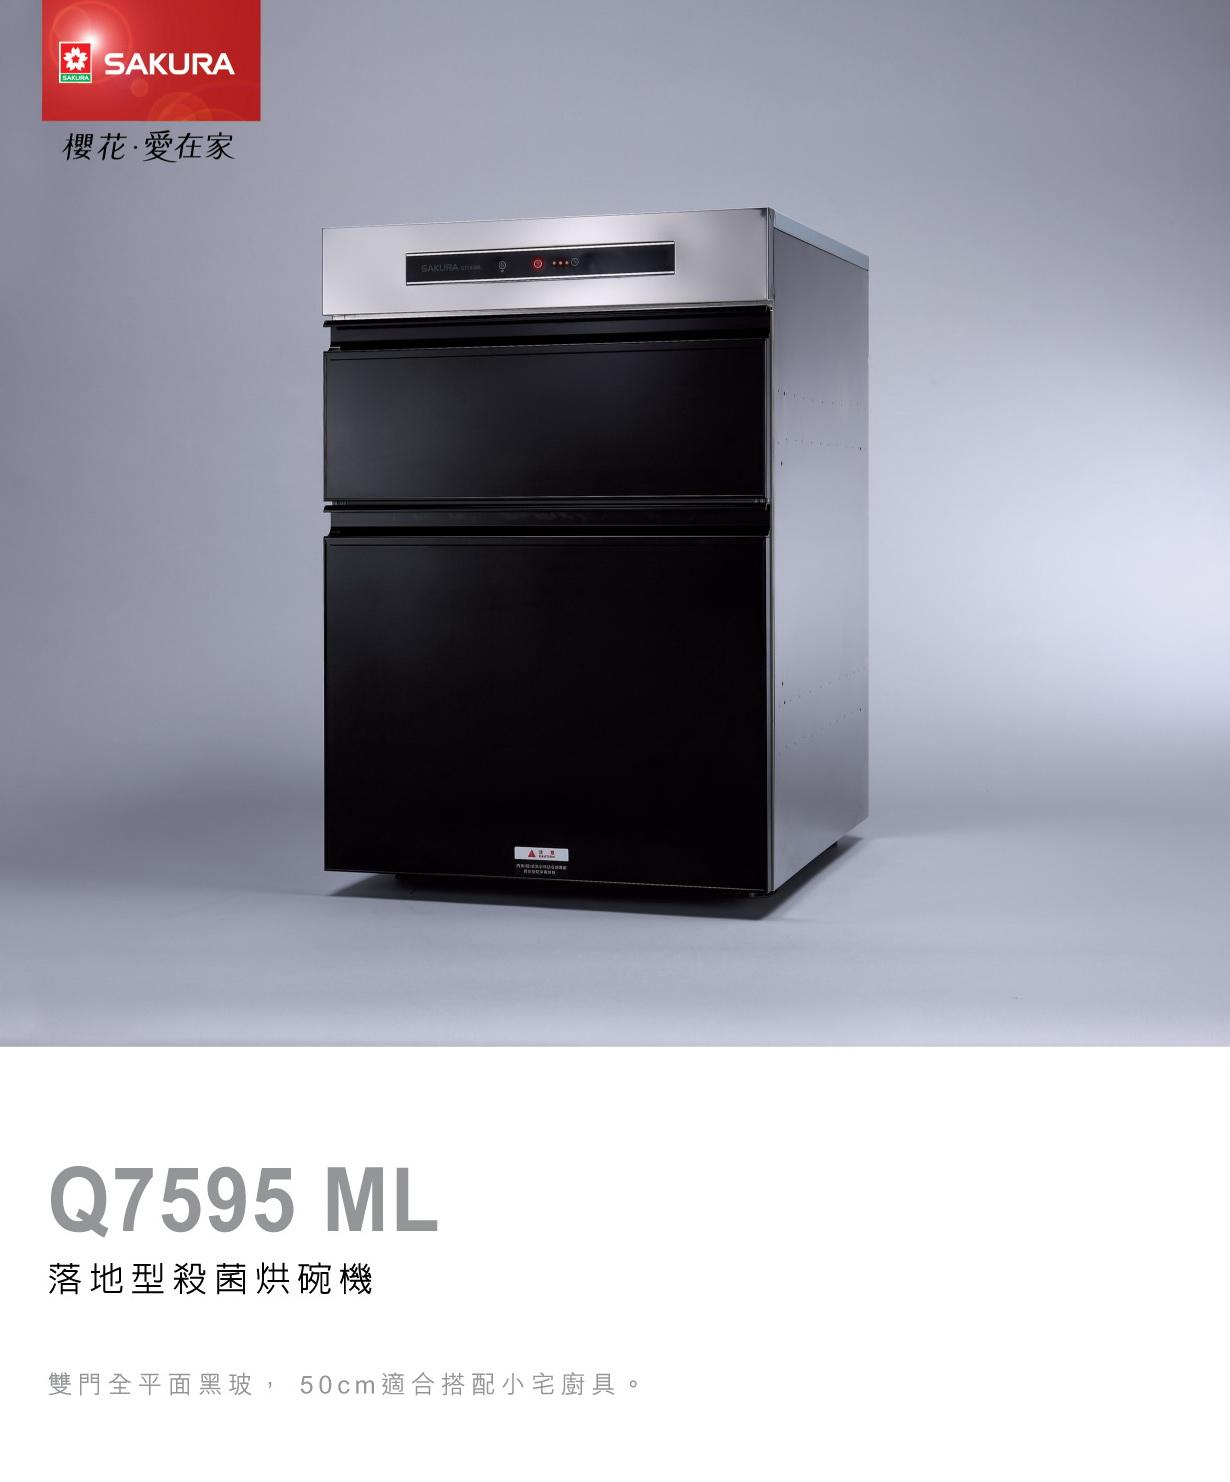 櫻花烘碗機Q7595ML.jpg